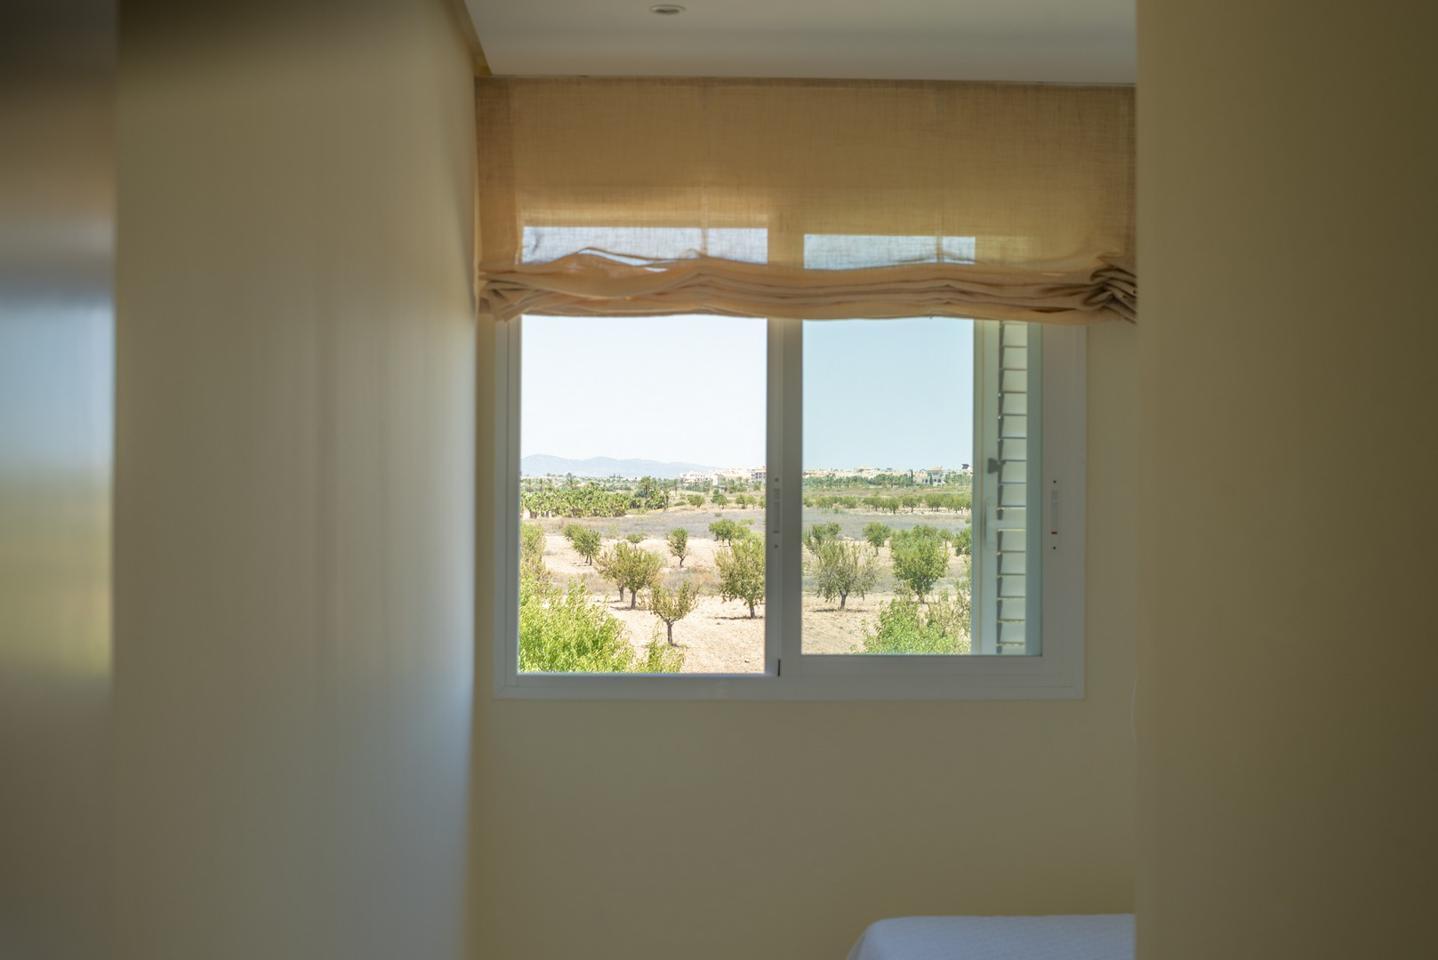 Residencial de apartamentos de obra nueva llave en mano de 2 y 3 dormitorios - imagenInmueble10